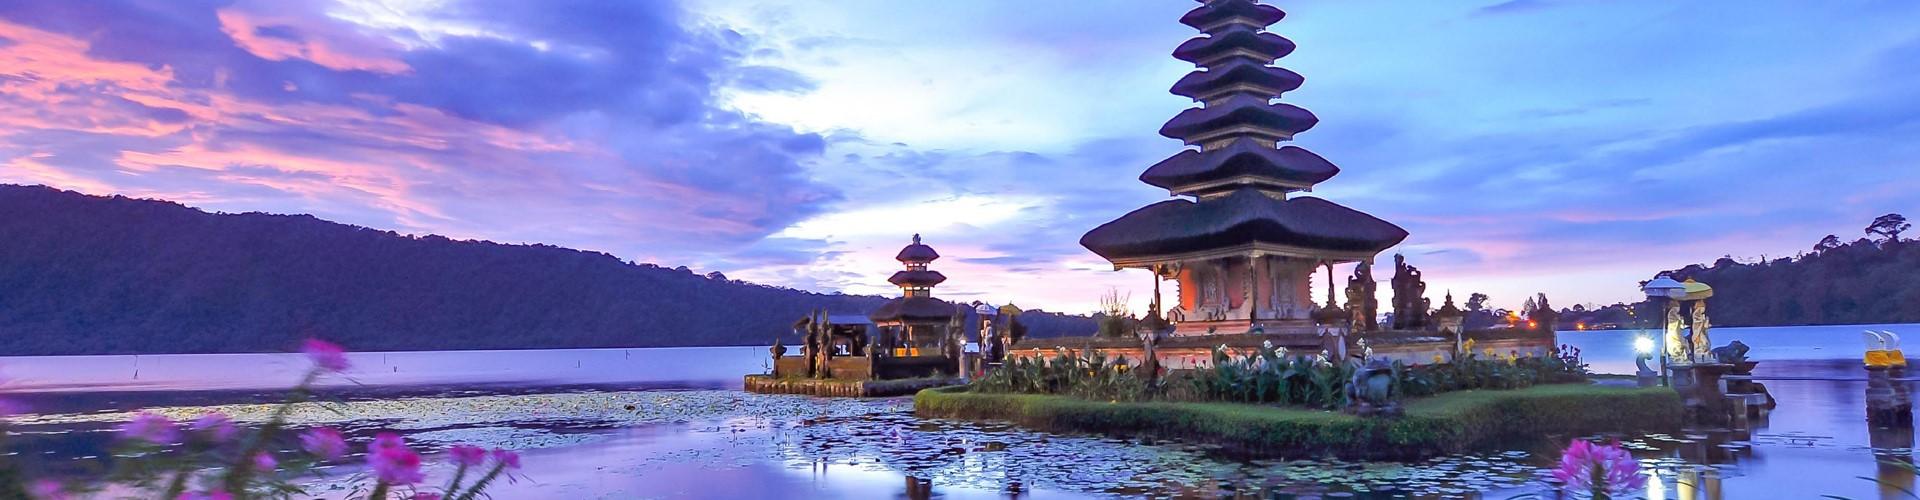 印尼雅加達泗水旅遊懶人包攻略-簽證 機票 網路 交通 住宿 自由行app推薦 @東南亞投資報告